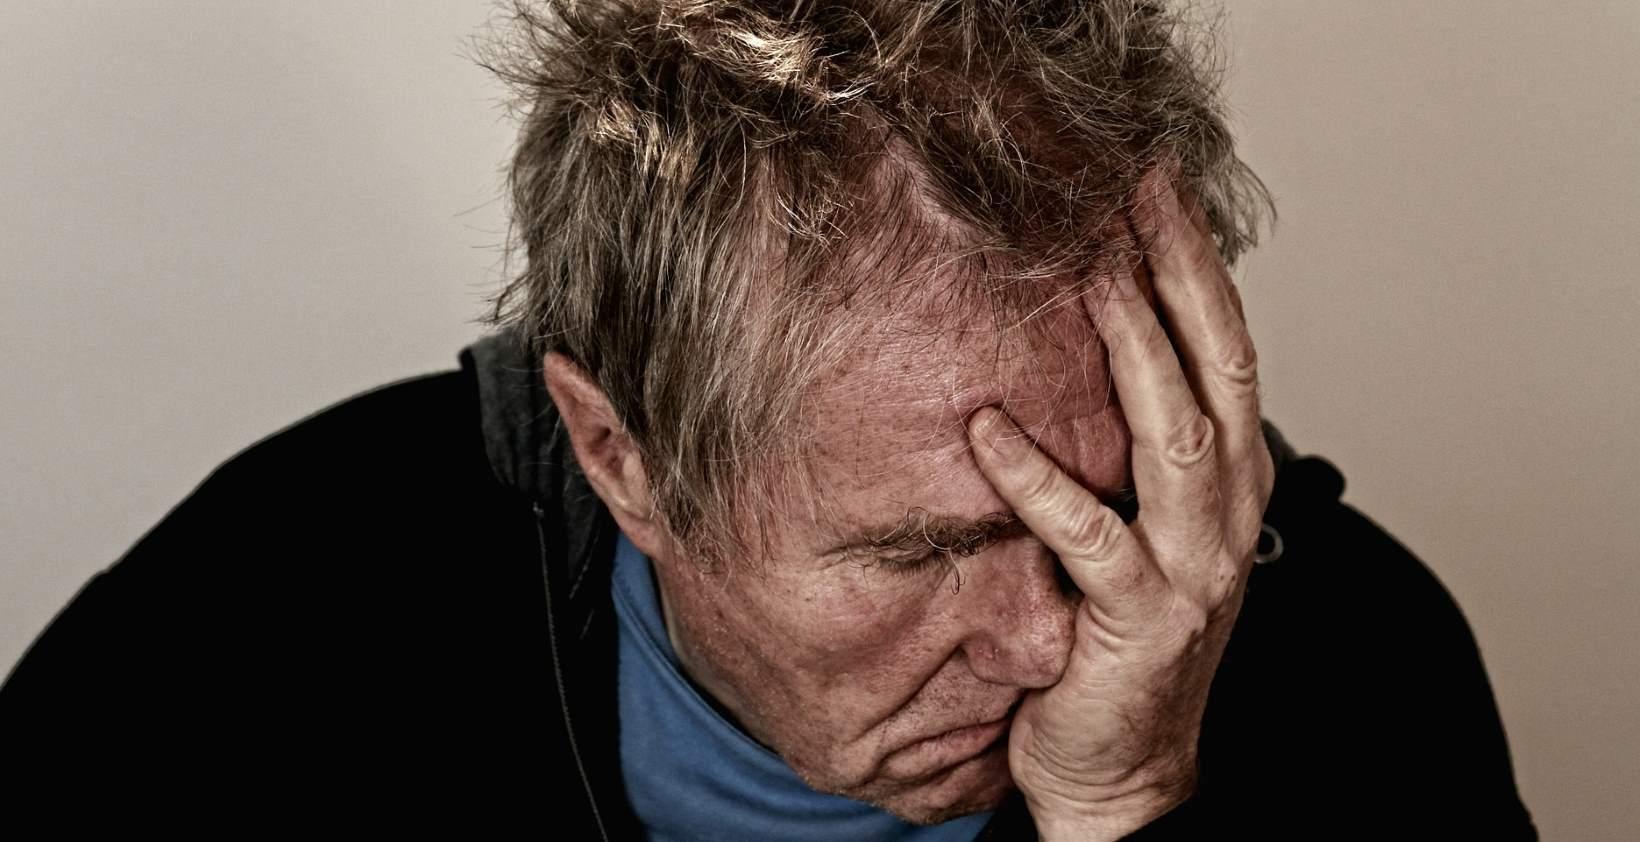 Cómo aliviar el dolor de cabeza frío